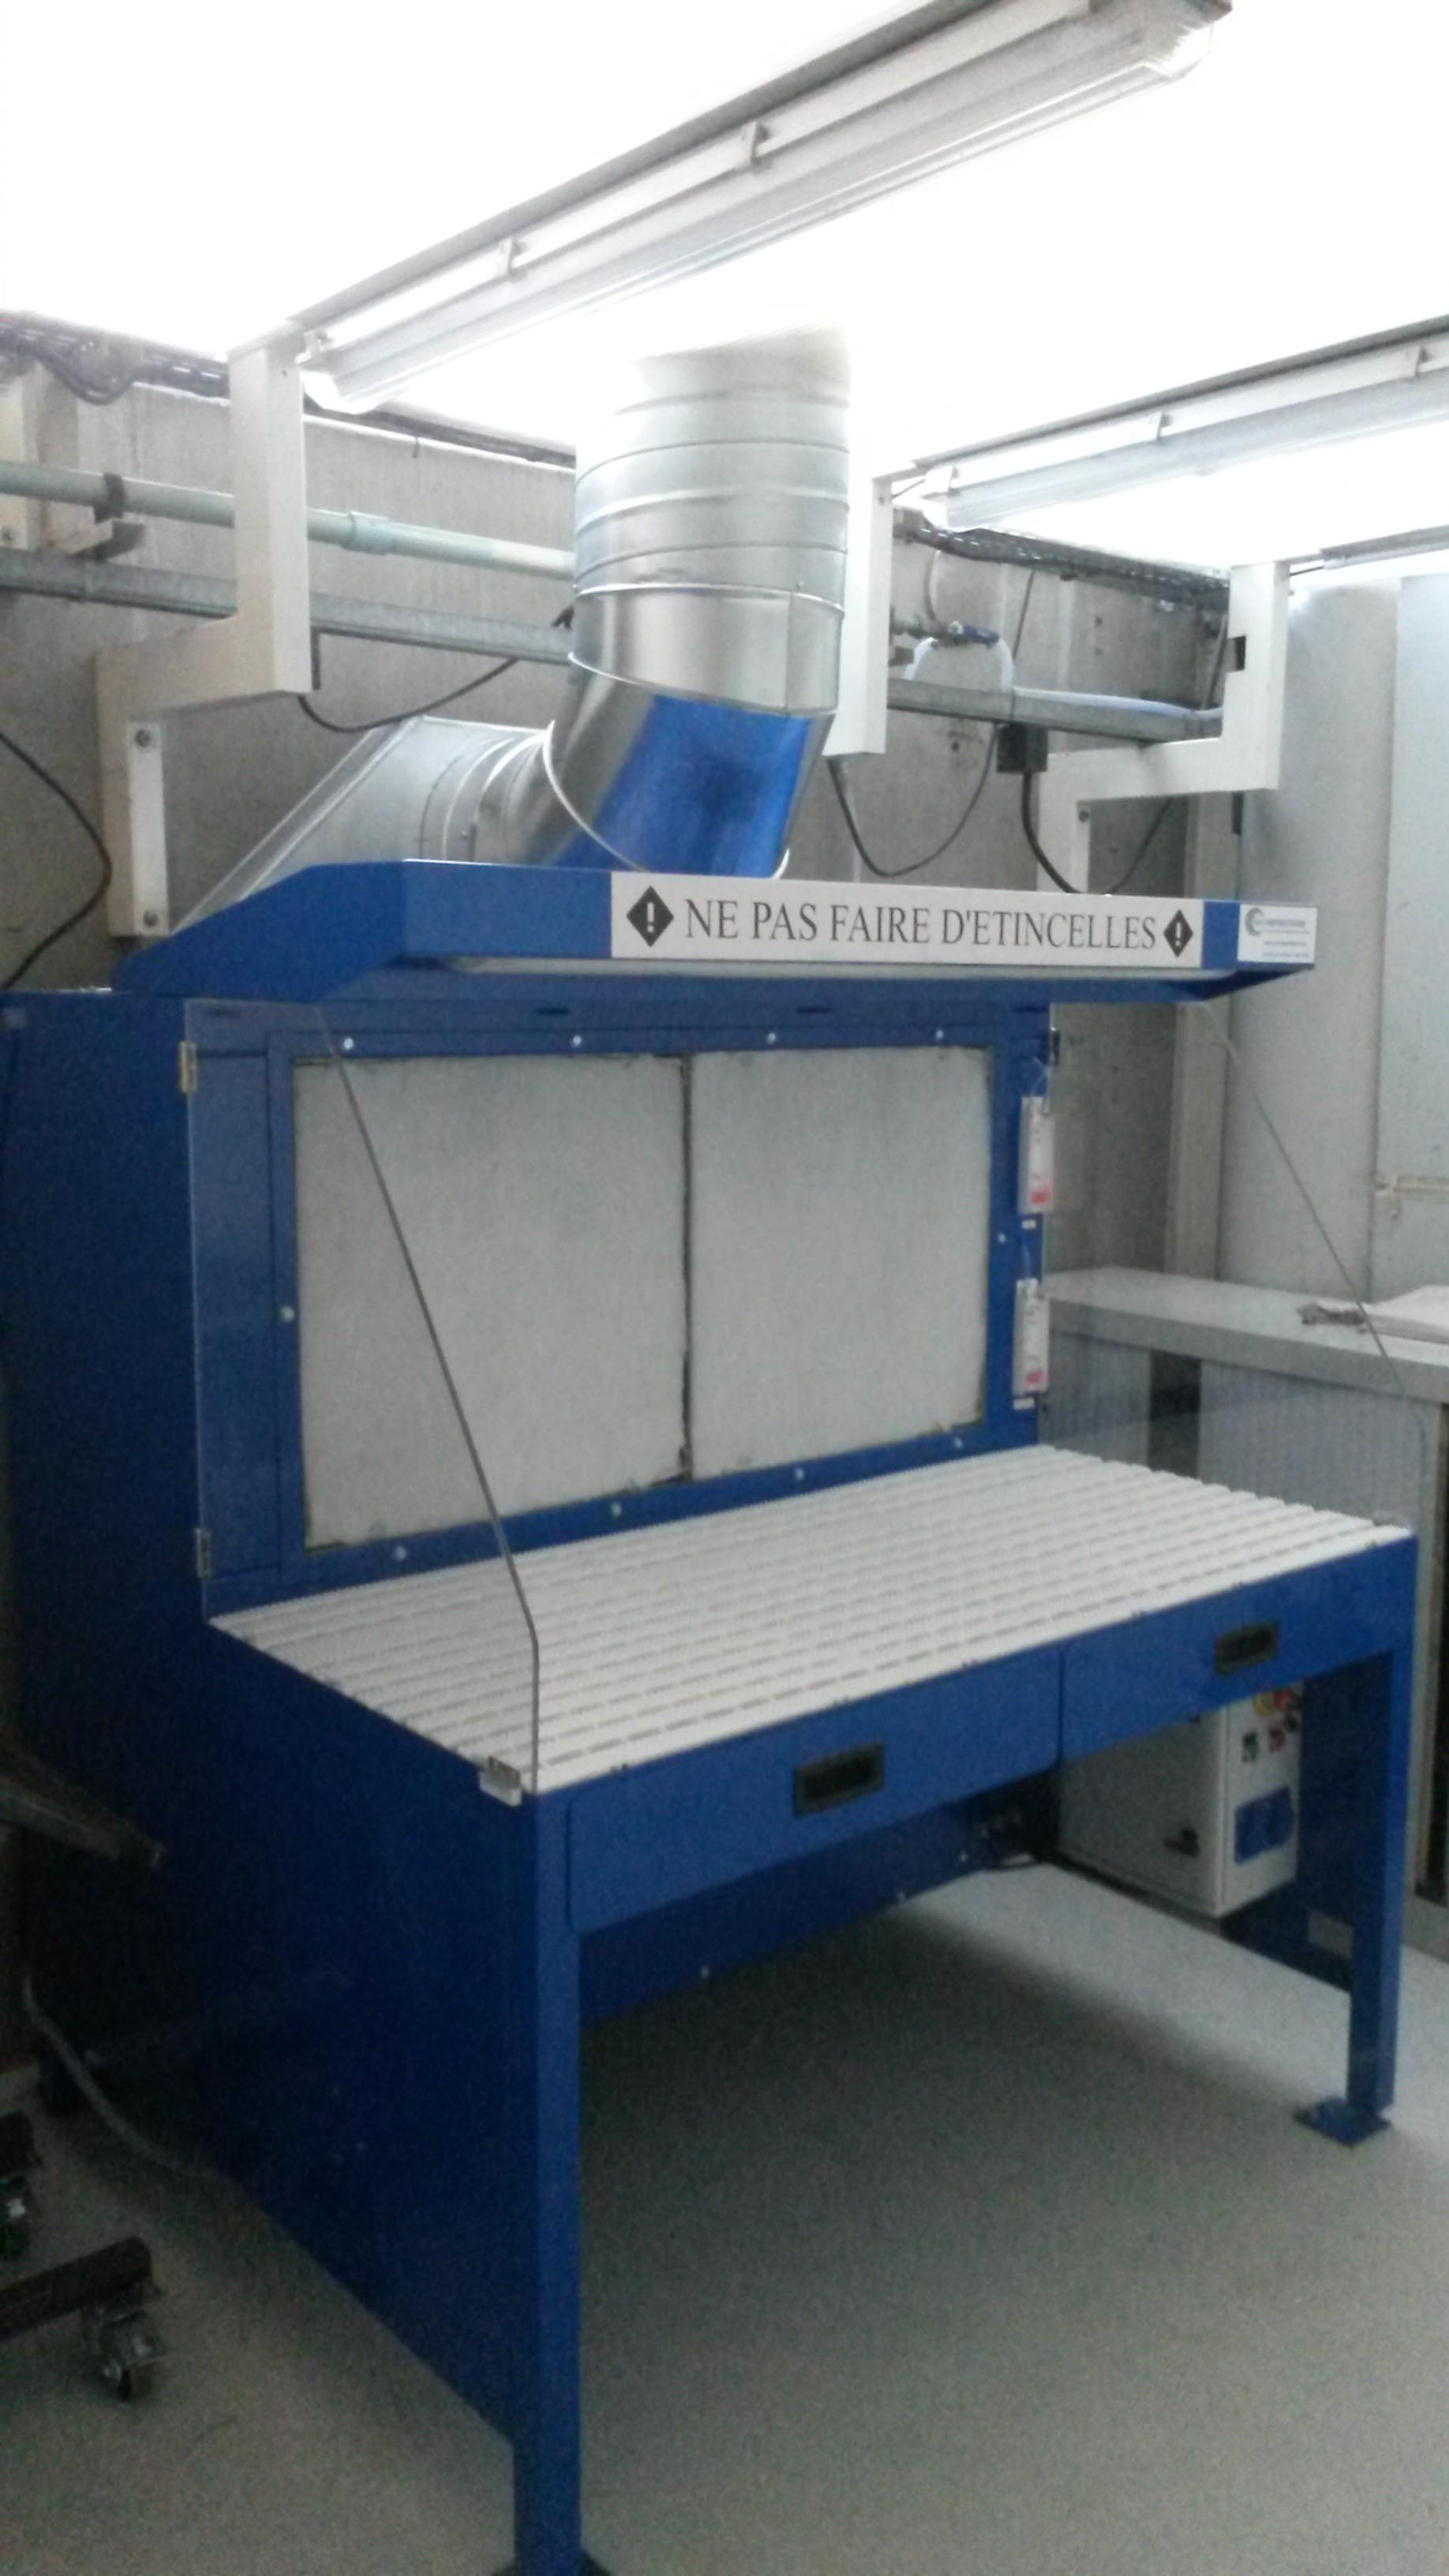 Table aspirante autonome 1.5m MH-ASPIRATIONS pour ajustage, ponçage, ébavurage de pièces aéronautique. Aspiration de poussière d'aluminium, composite. Avec rejet à l'extérieur en gaine galvanisée spiralée.